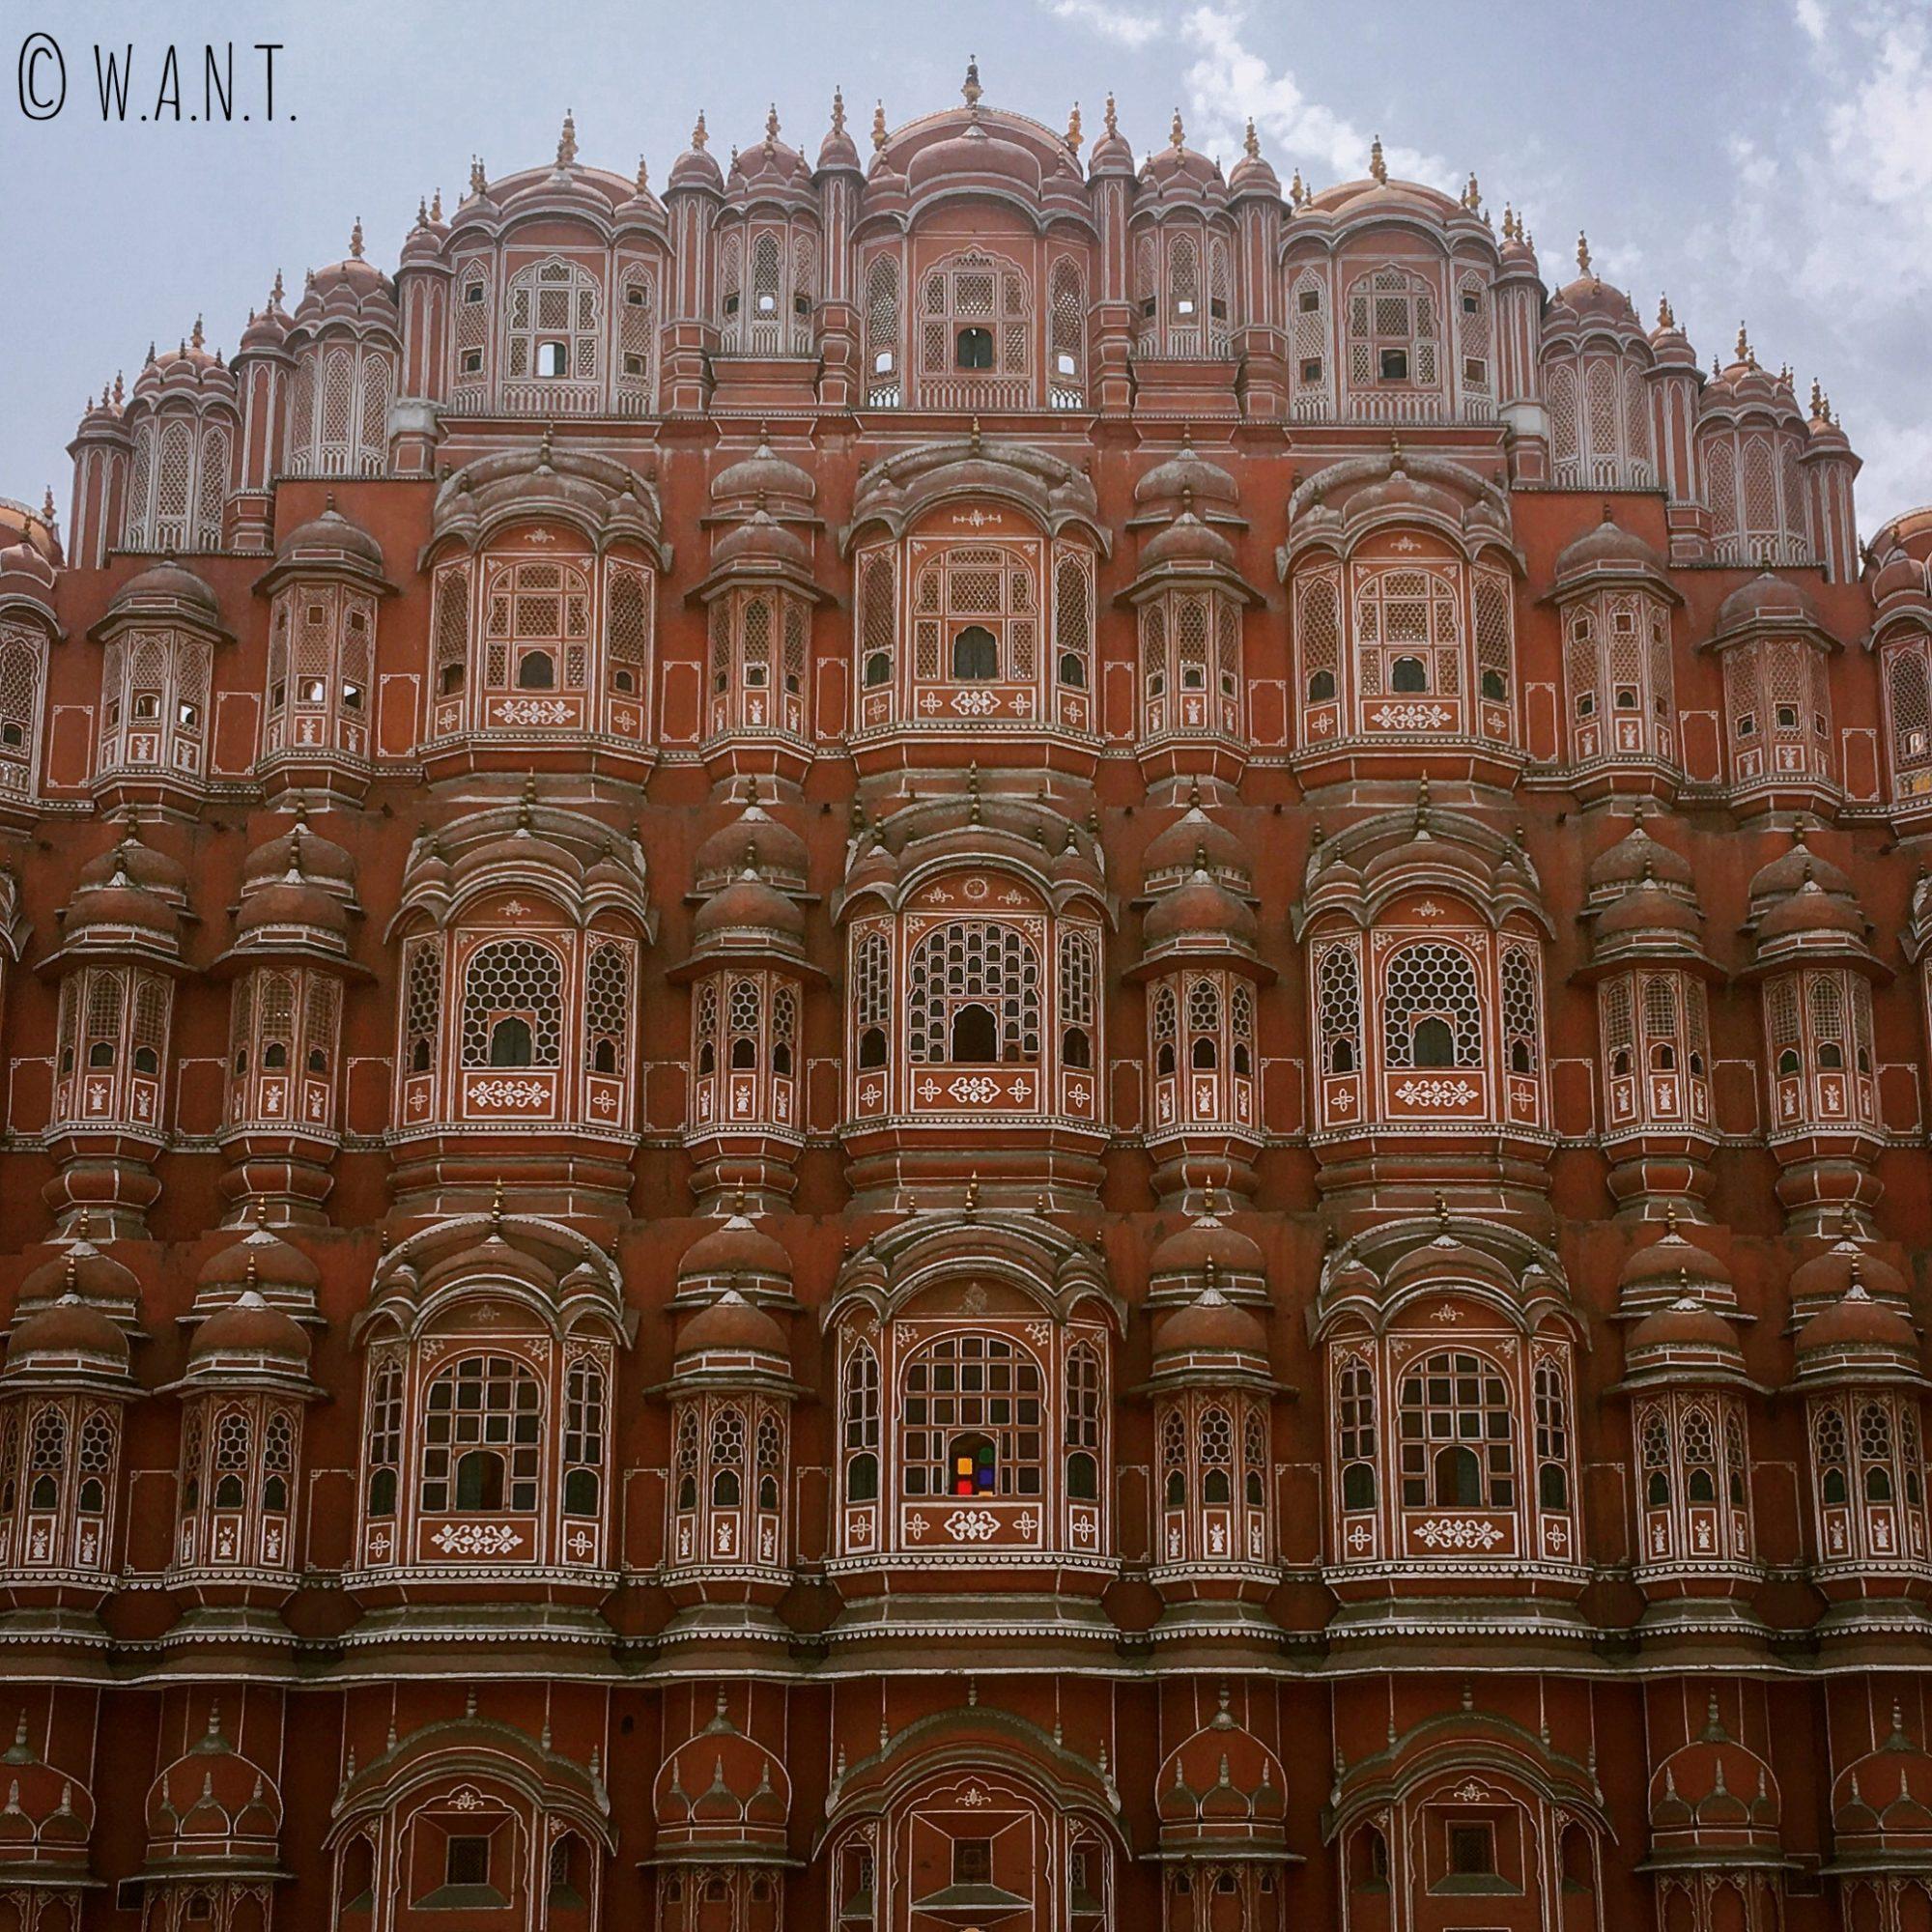 Le palais des vents et ses 152 fenêtres a fier allure dans les rues de Jaipur